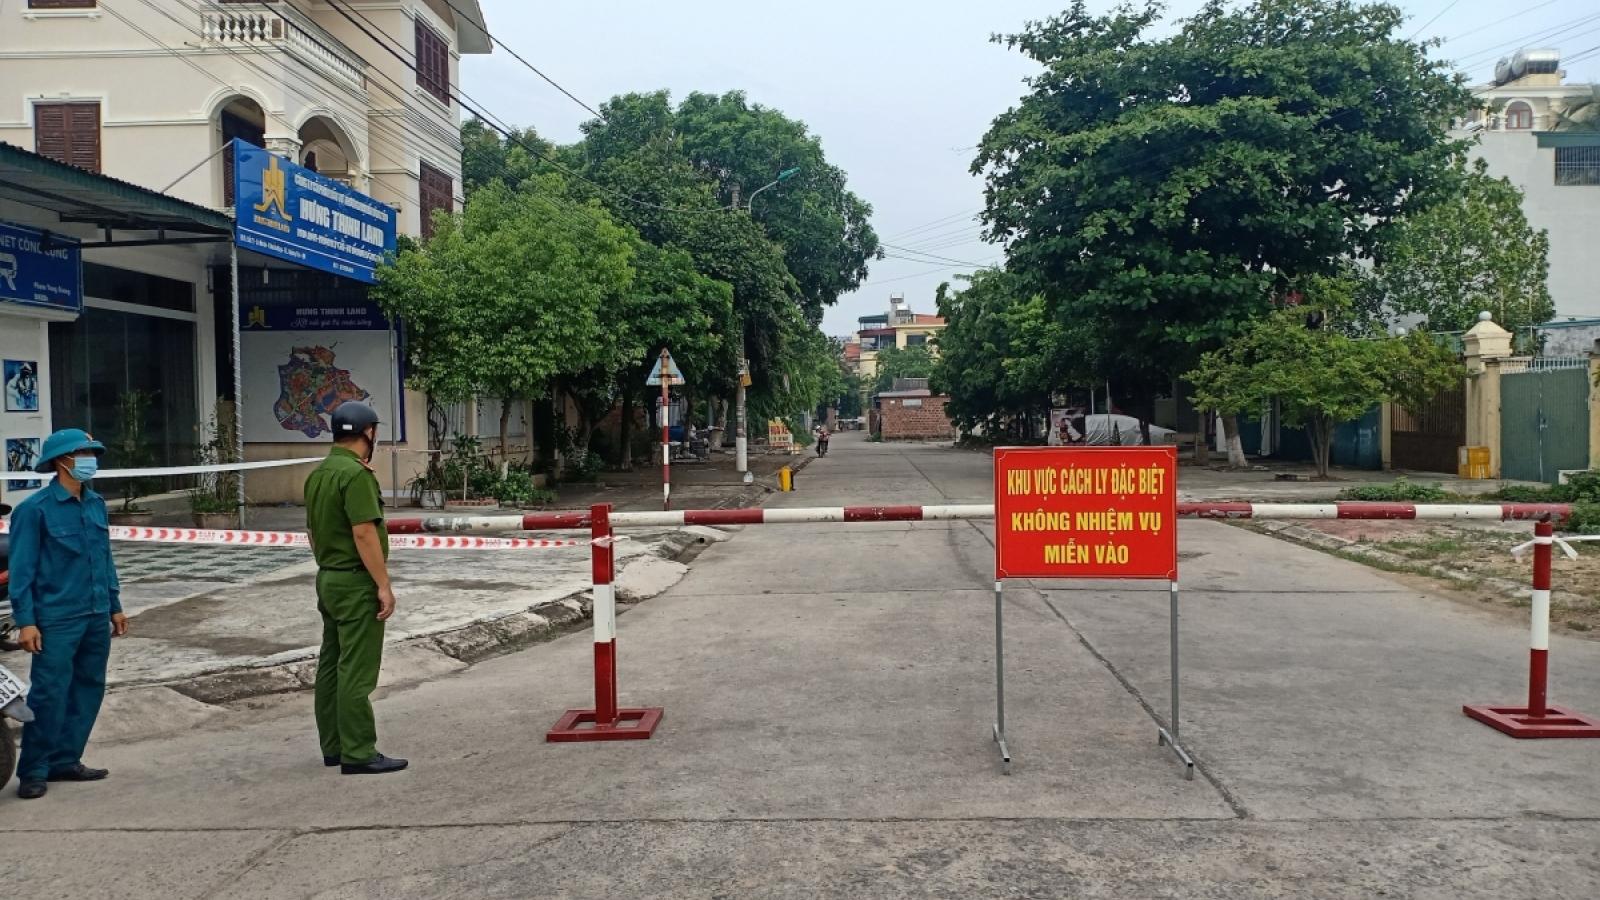 Quảng Ninh kiểm soát chặt chẽ phòng Covid-19 trên tuyến biển, các cảng, bến thủy nội địa